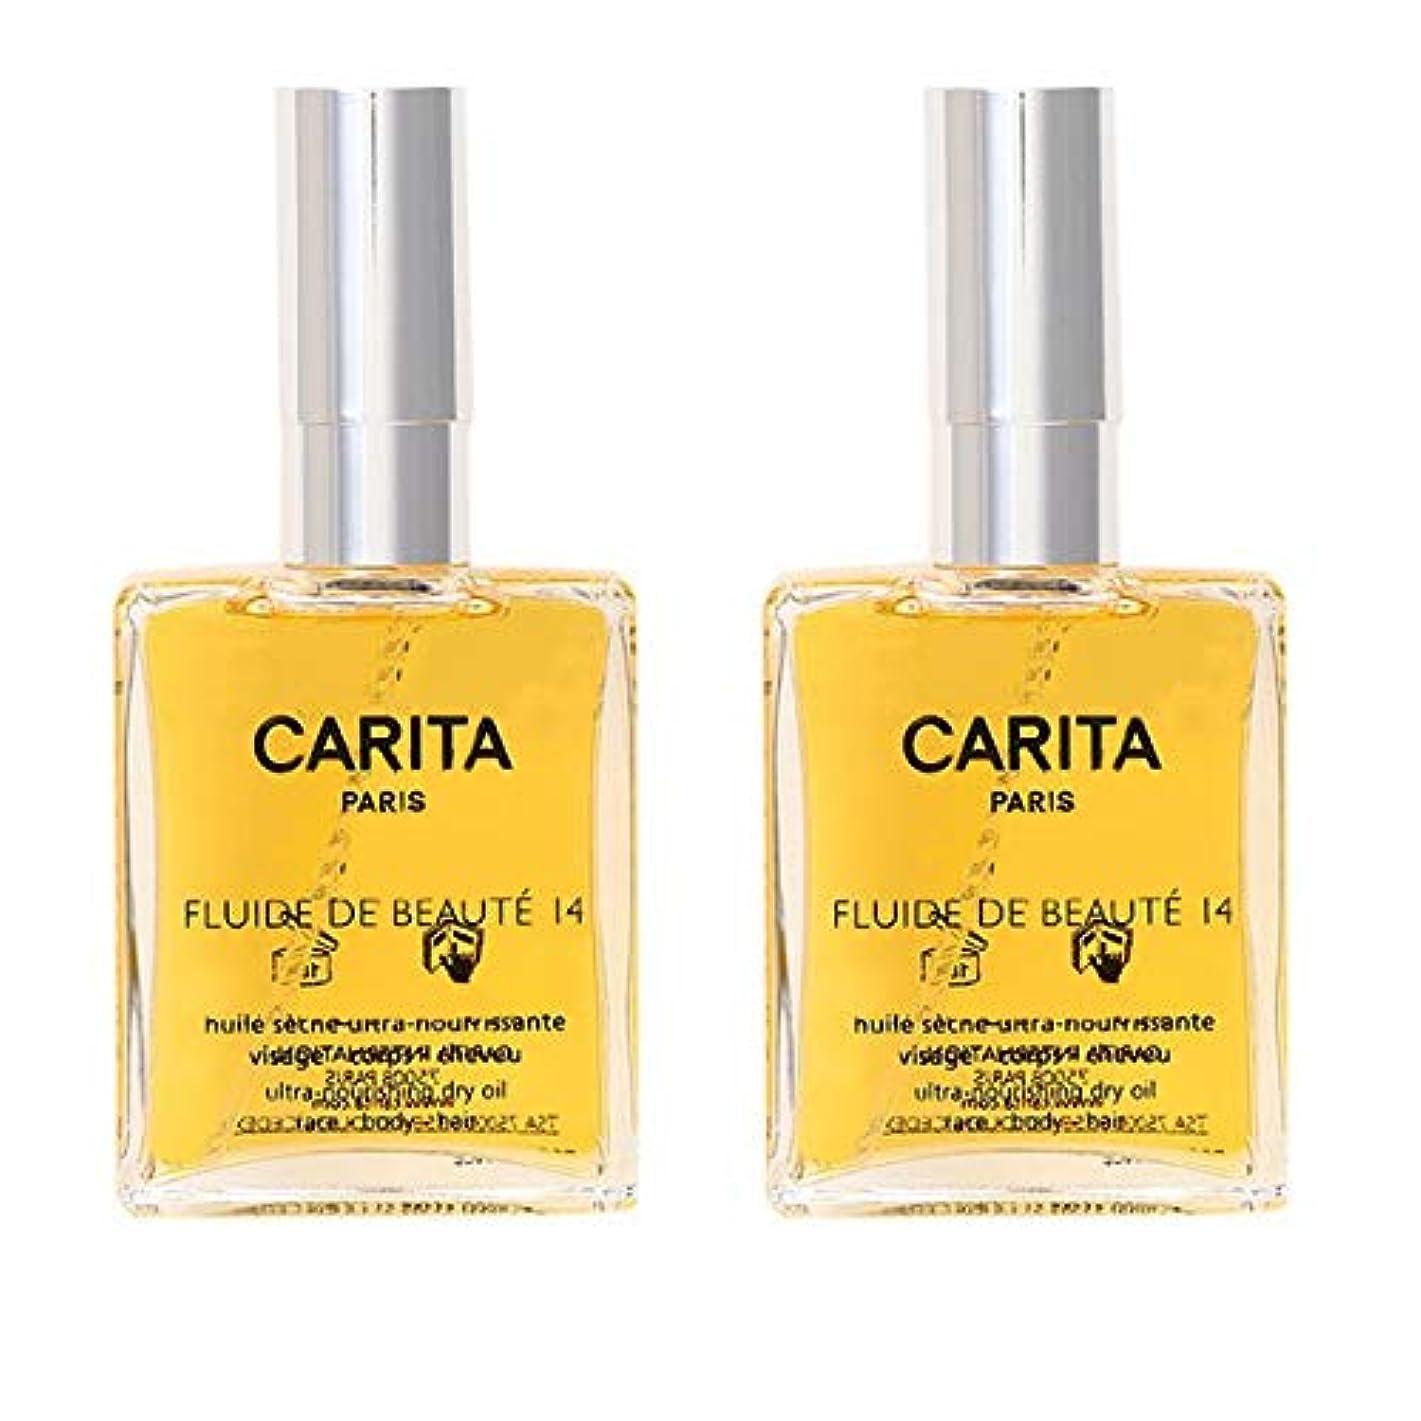 森言う立ち向かうカリタ CARITA カリタ 14 (コスメティックオイル) 100mL 2個セット [並行輸入品]